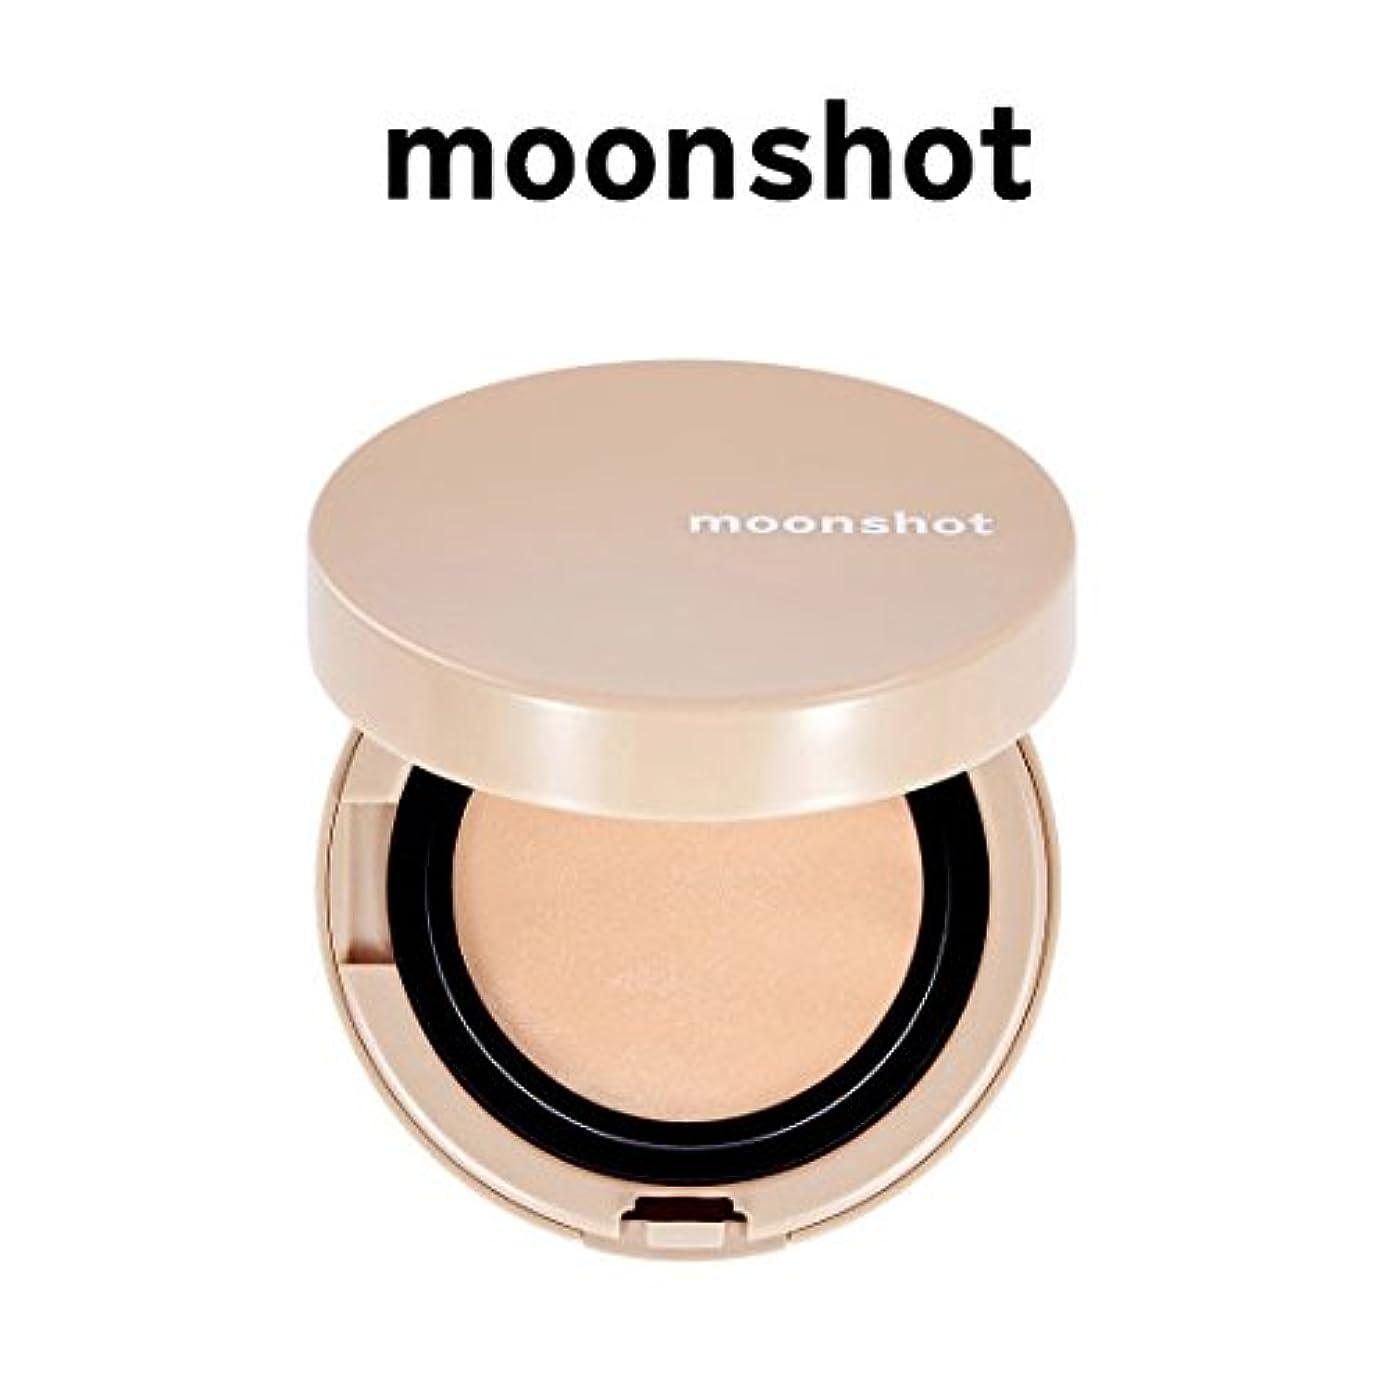 化学薬品修羅場ヒョウ[MOONSHOT] BLACKPINK クッション SPF 50+PA+++ / Face Perfection Balm Cushion 12g / ムーンショット正品?海外直送品 (#101)